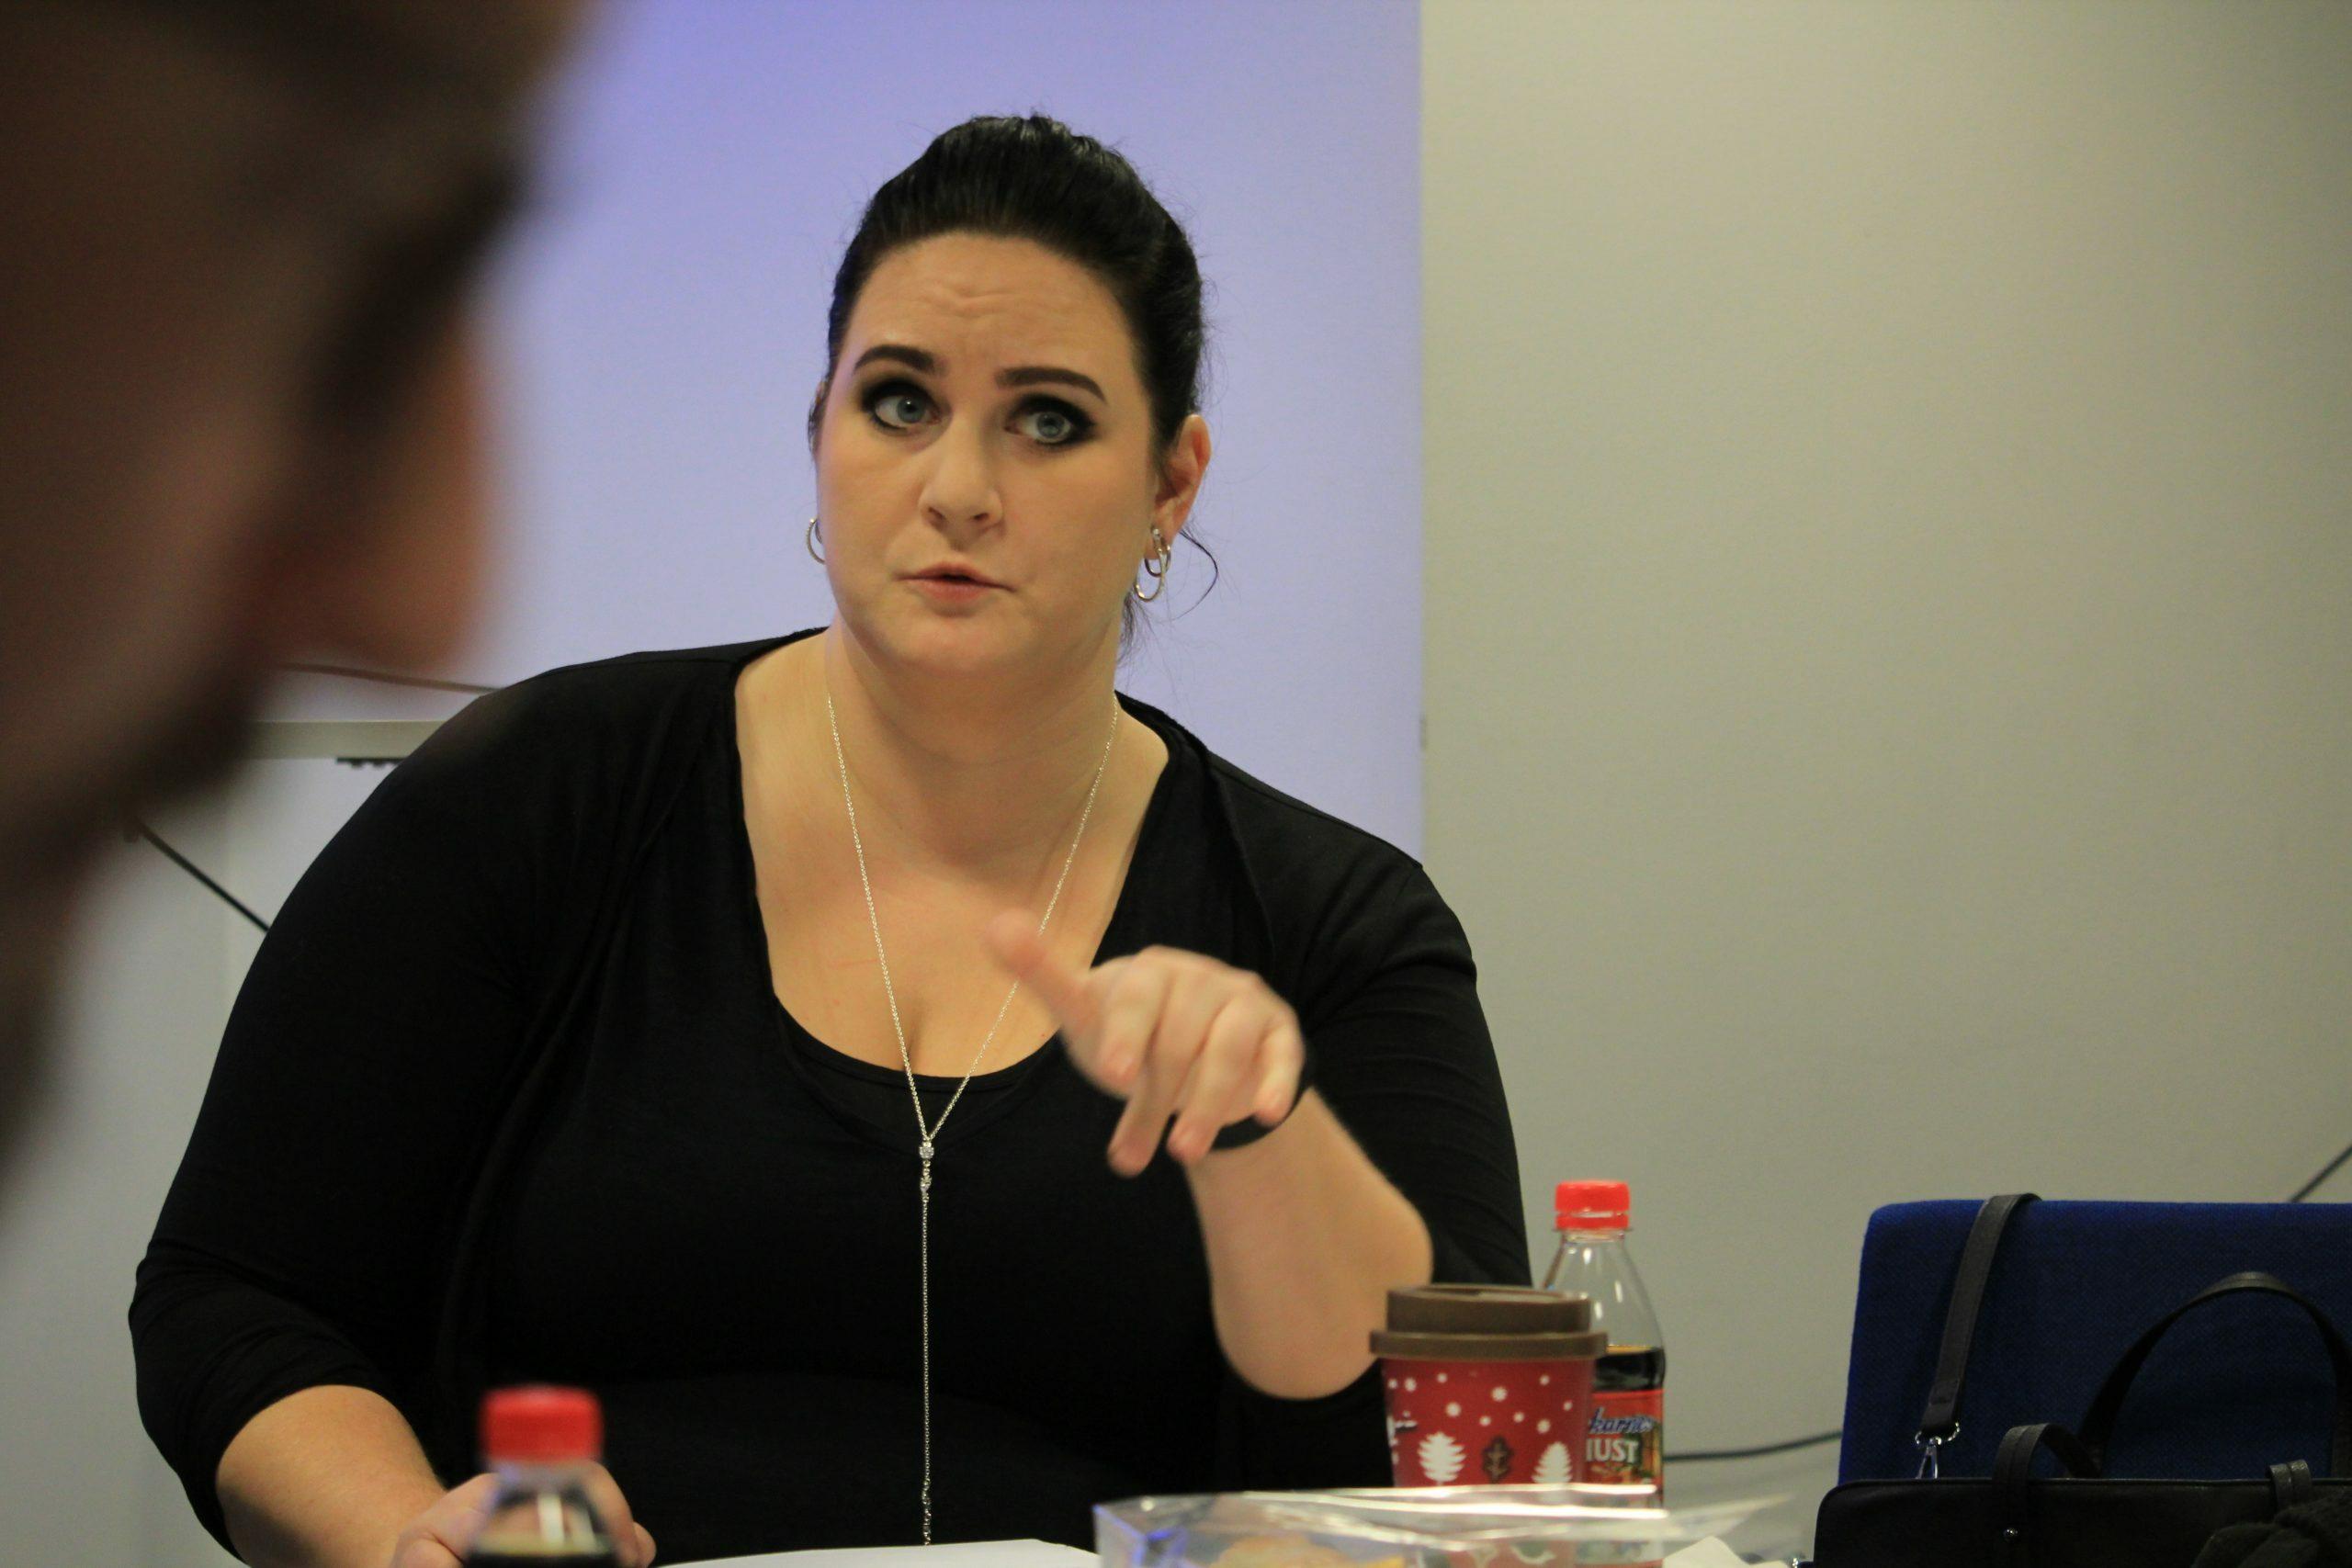 Mim Sörensson, cirkelledare för Egenmaktsgruppen i Partille, här under ett möte där hon för ordet.